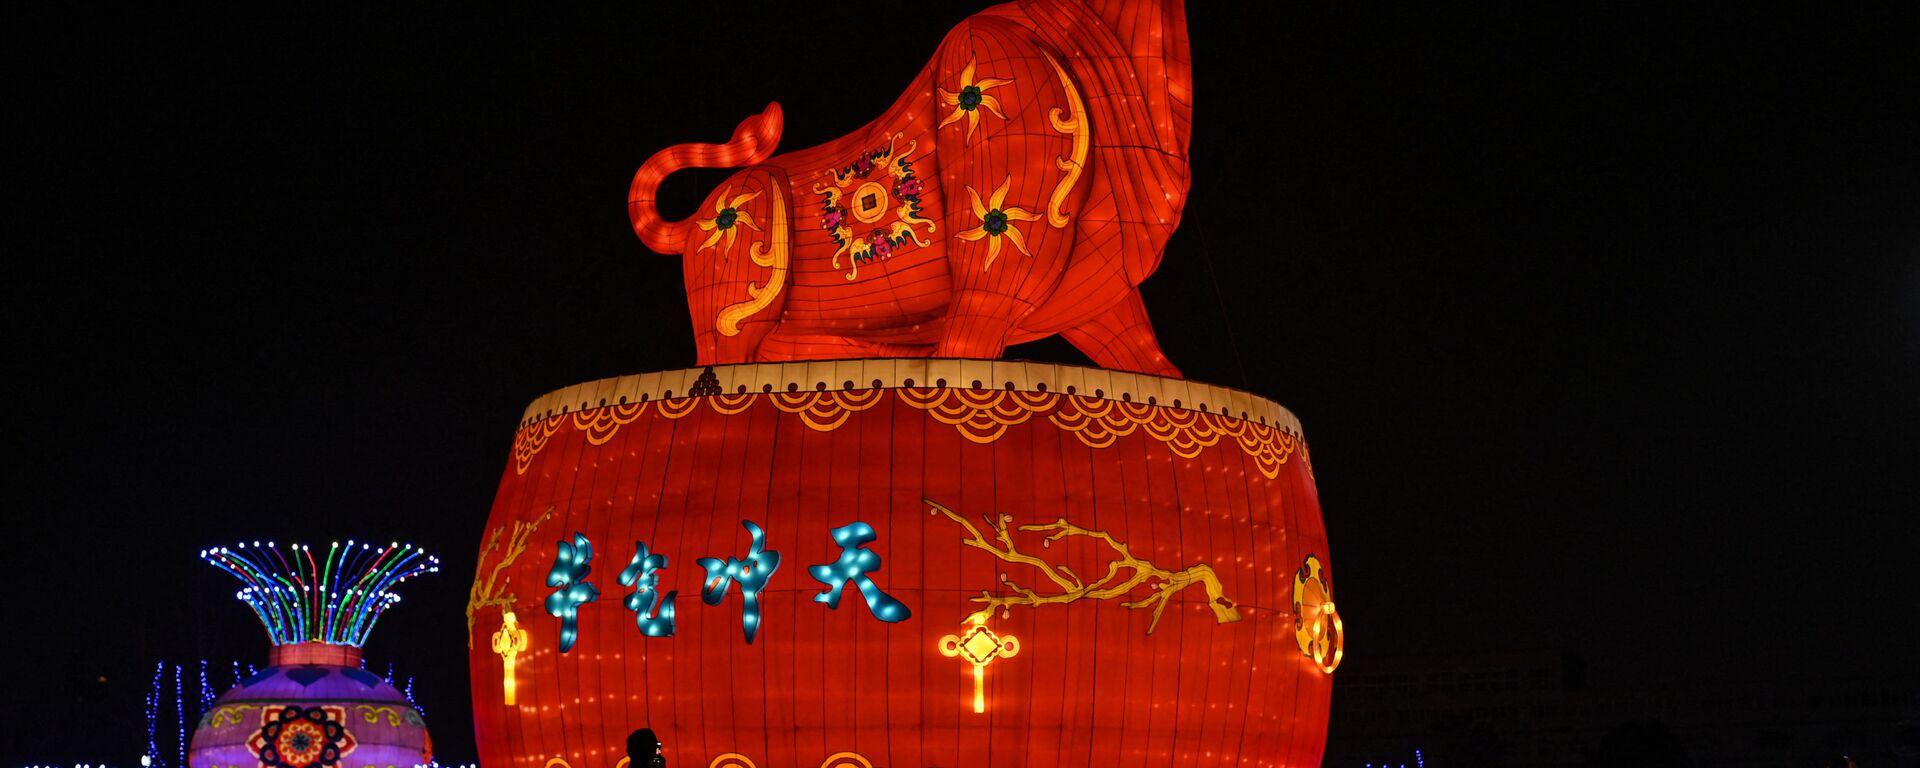 Празднование Нового года в Китае - Sputnik Таджикистан, 1920, 05.06.2021